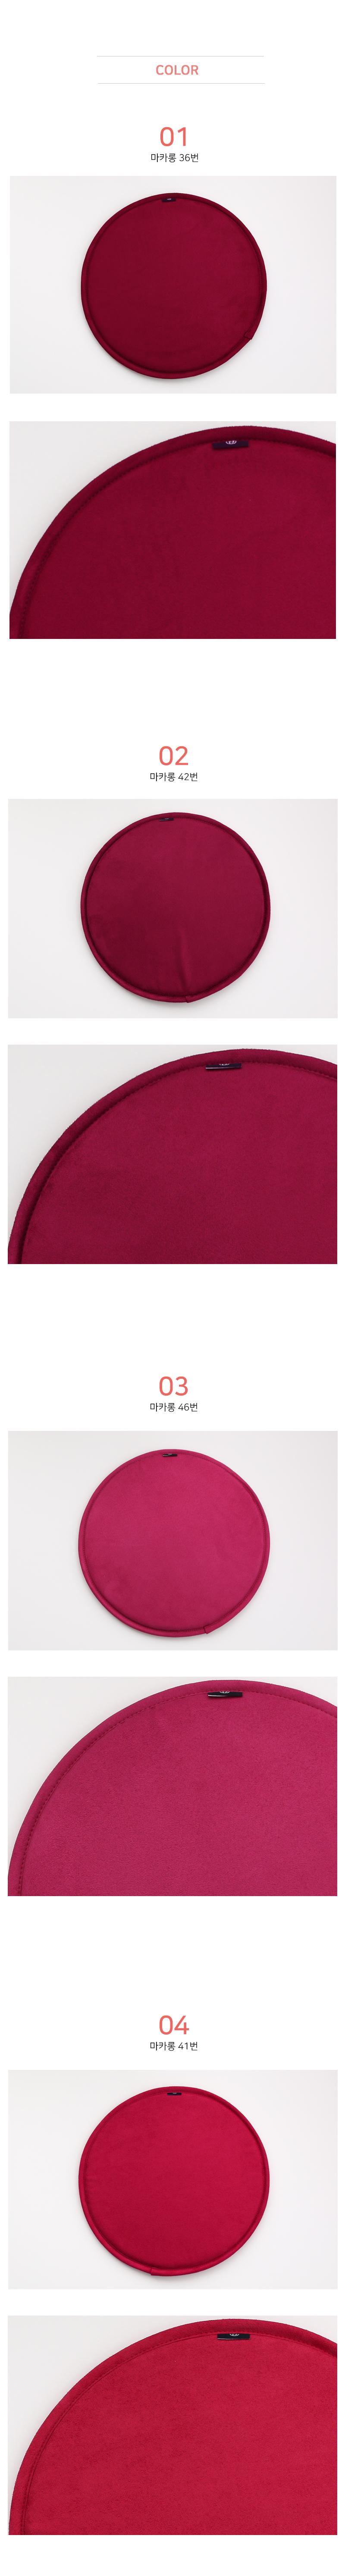 마카롱 스웨이드 원형방석 핑크계열 38cm 의자방석 - 패브릭포커스, 8,550원, 방석, 무지/솔리드